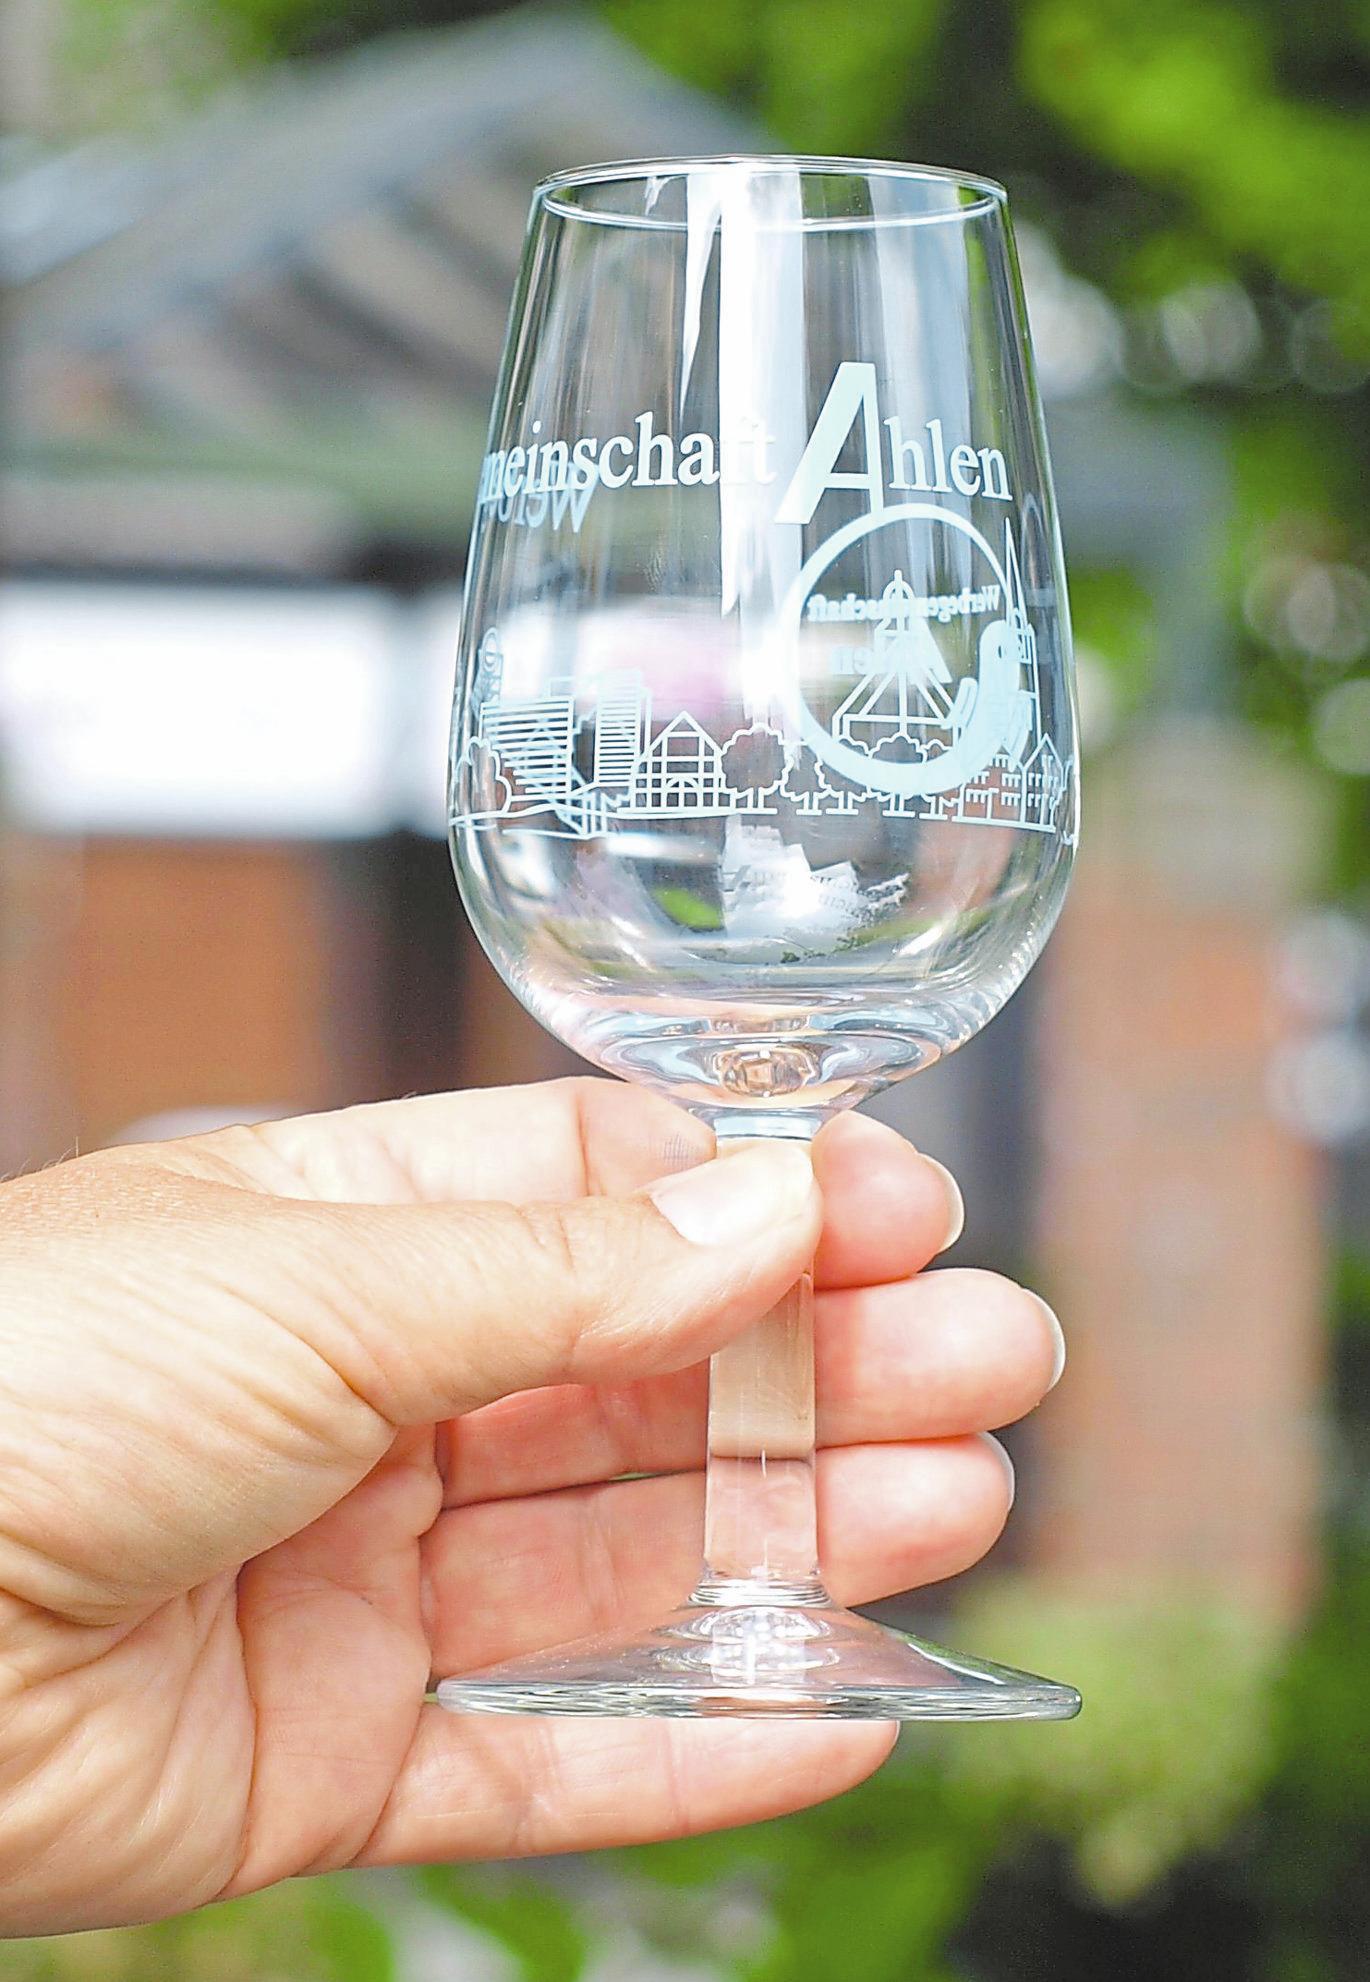 Das Aktionsglas ist wichtiger Bestandteil des Weinfestes. Foto: sdi